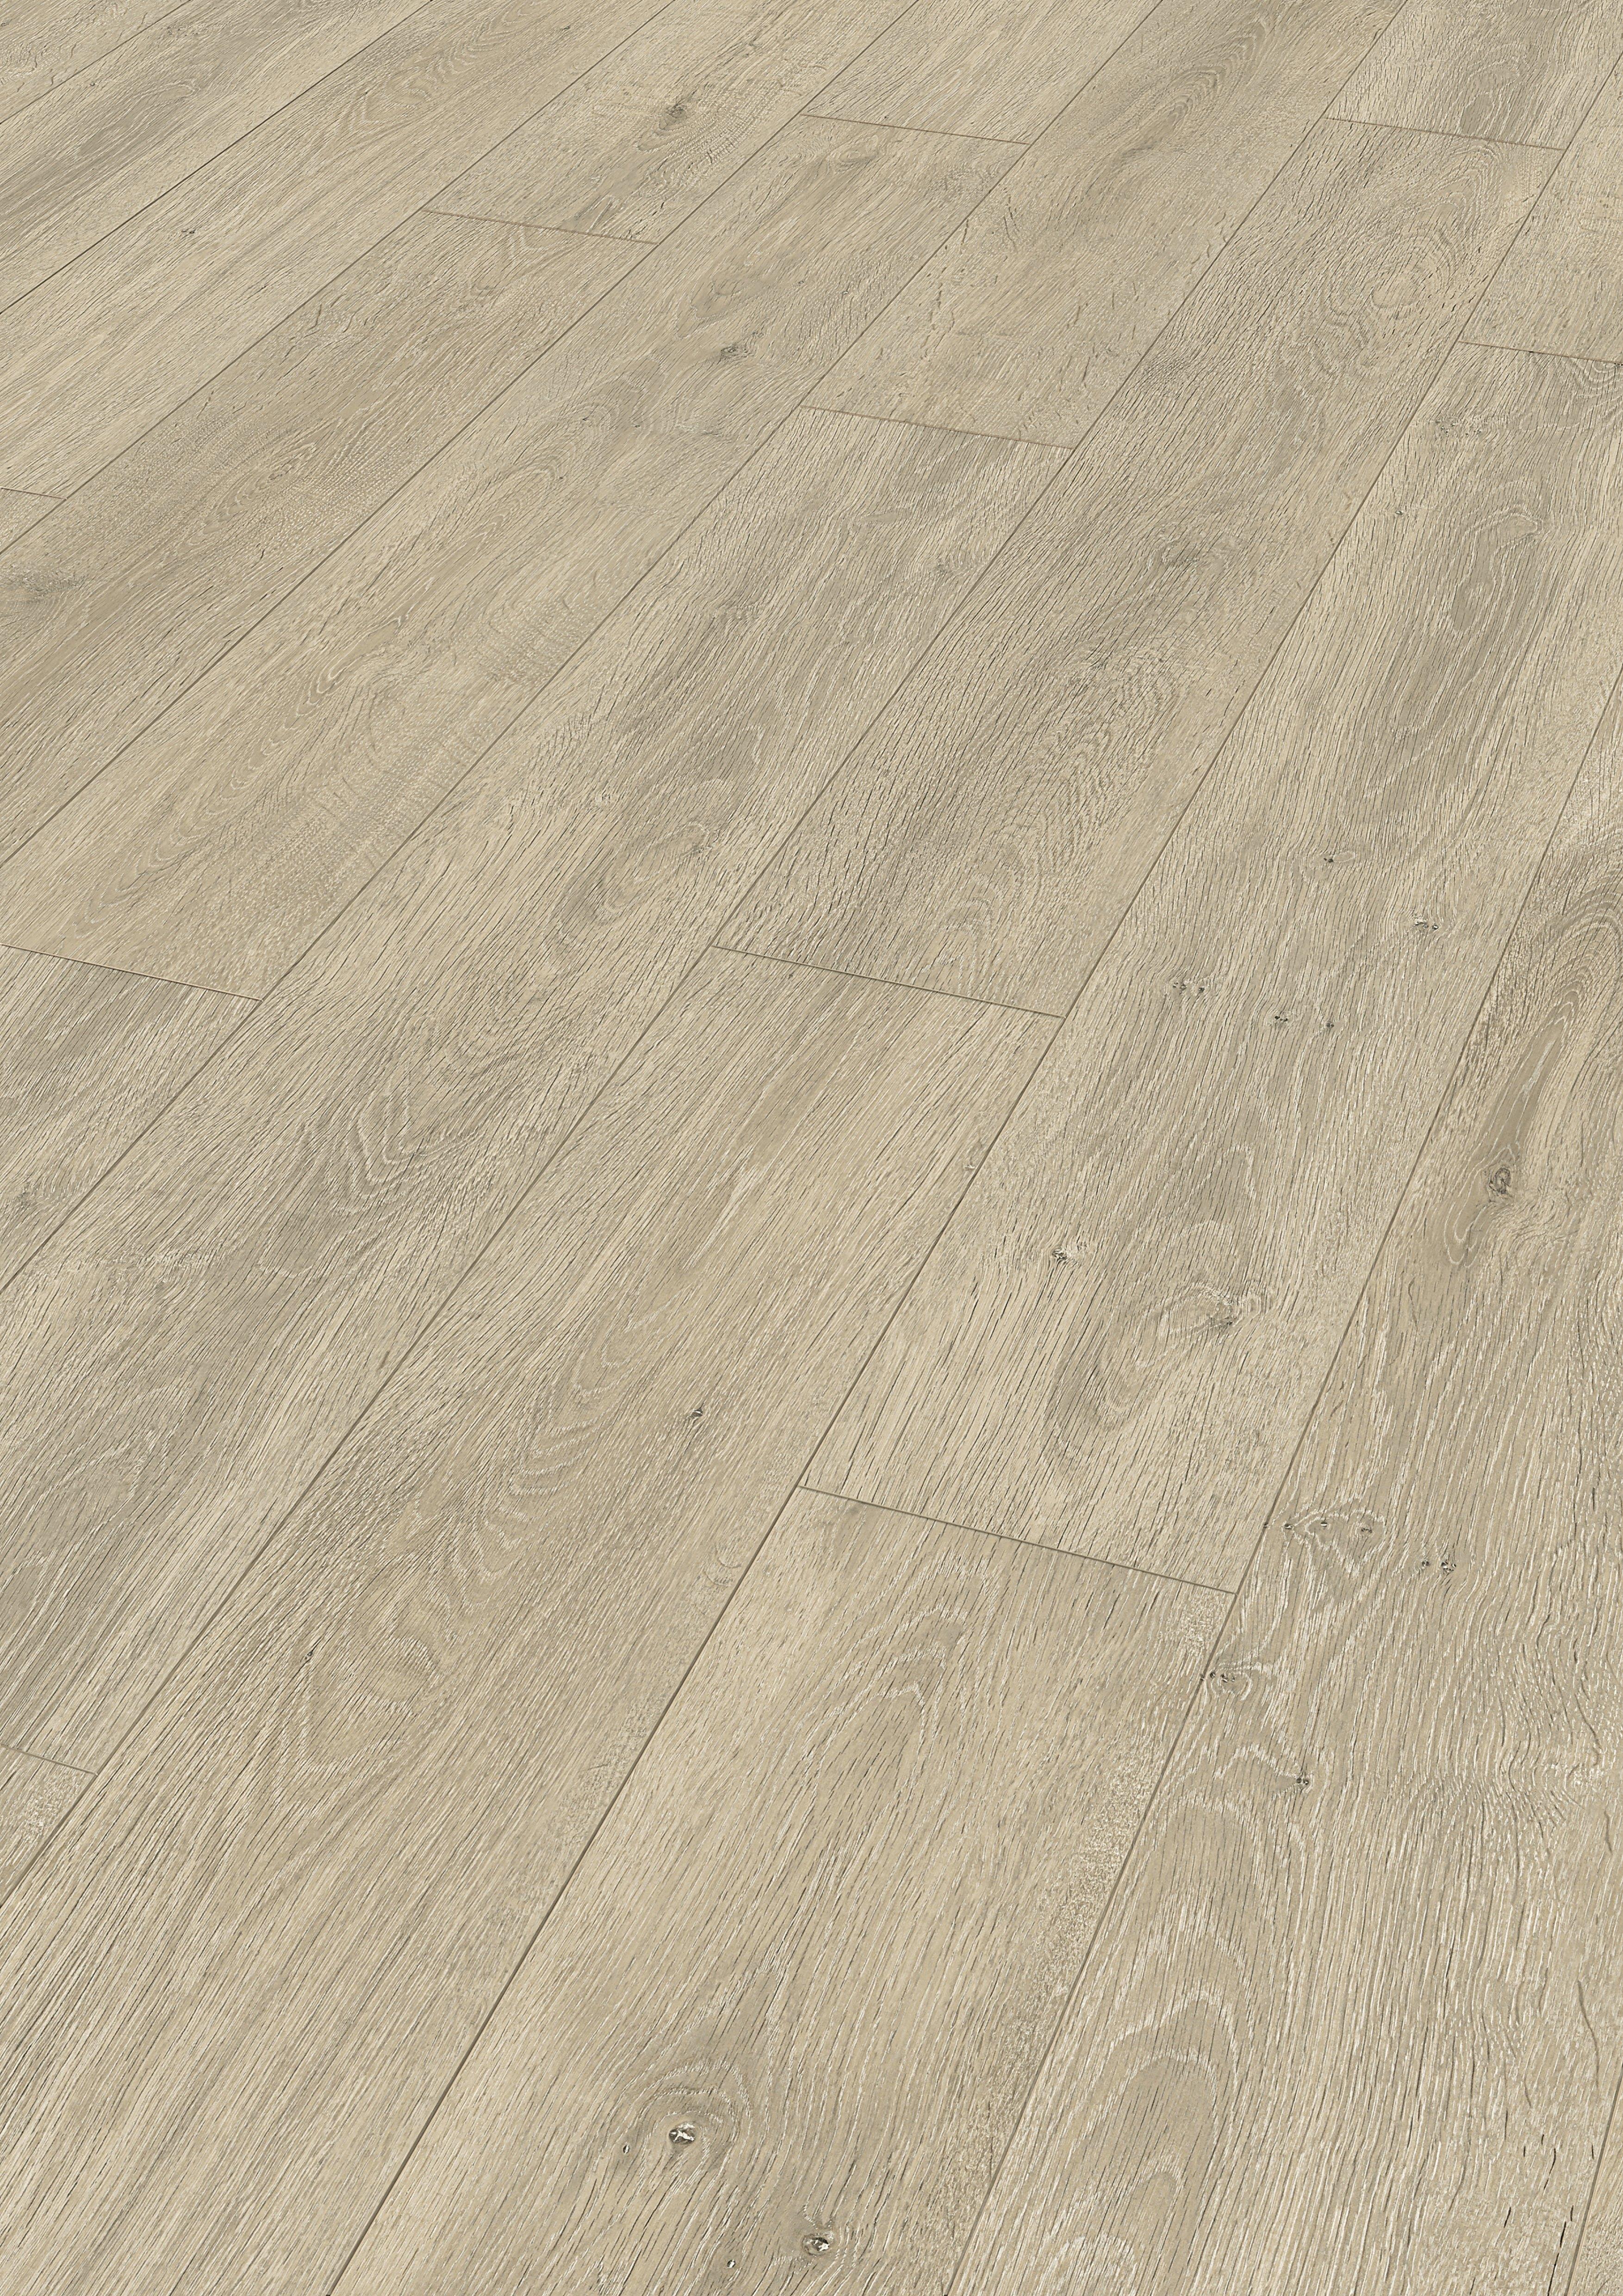 Caledonia Oak L6421 | Wood Finish Matt Structure | Wood Effect